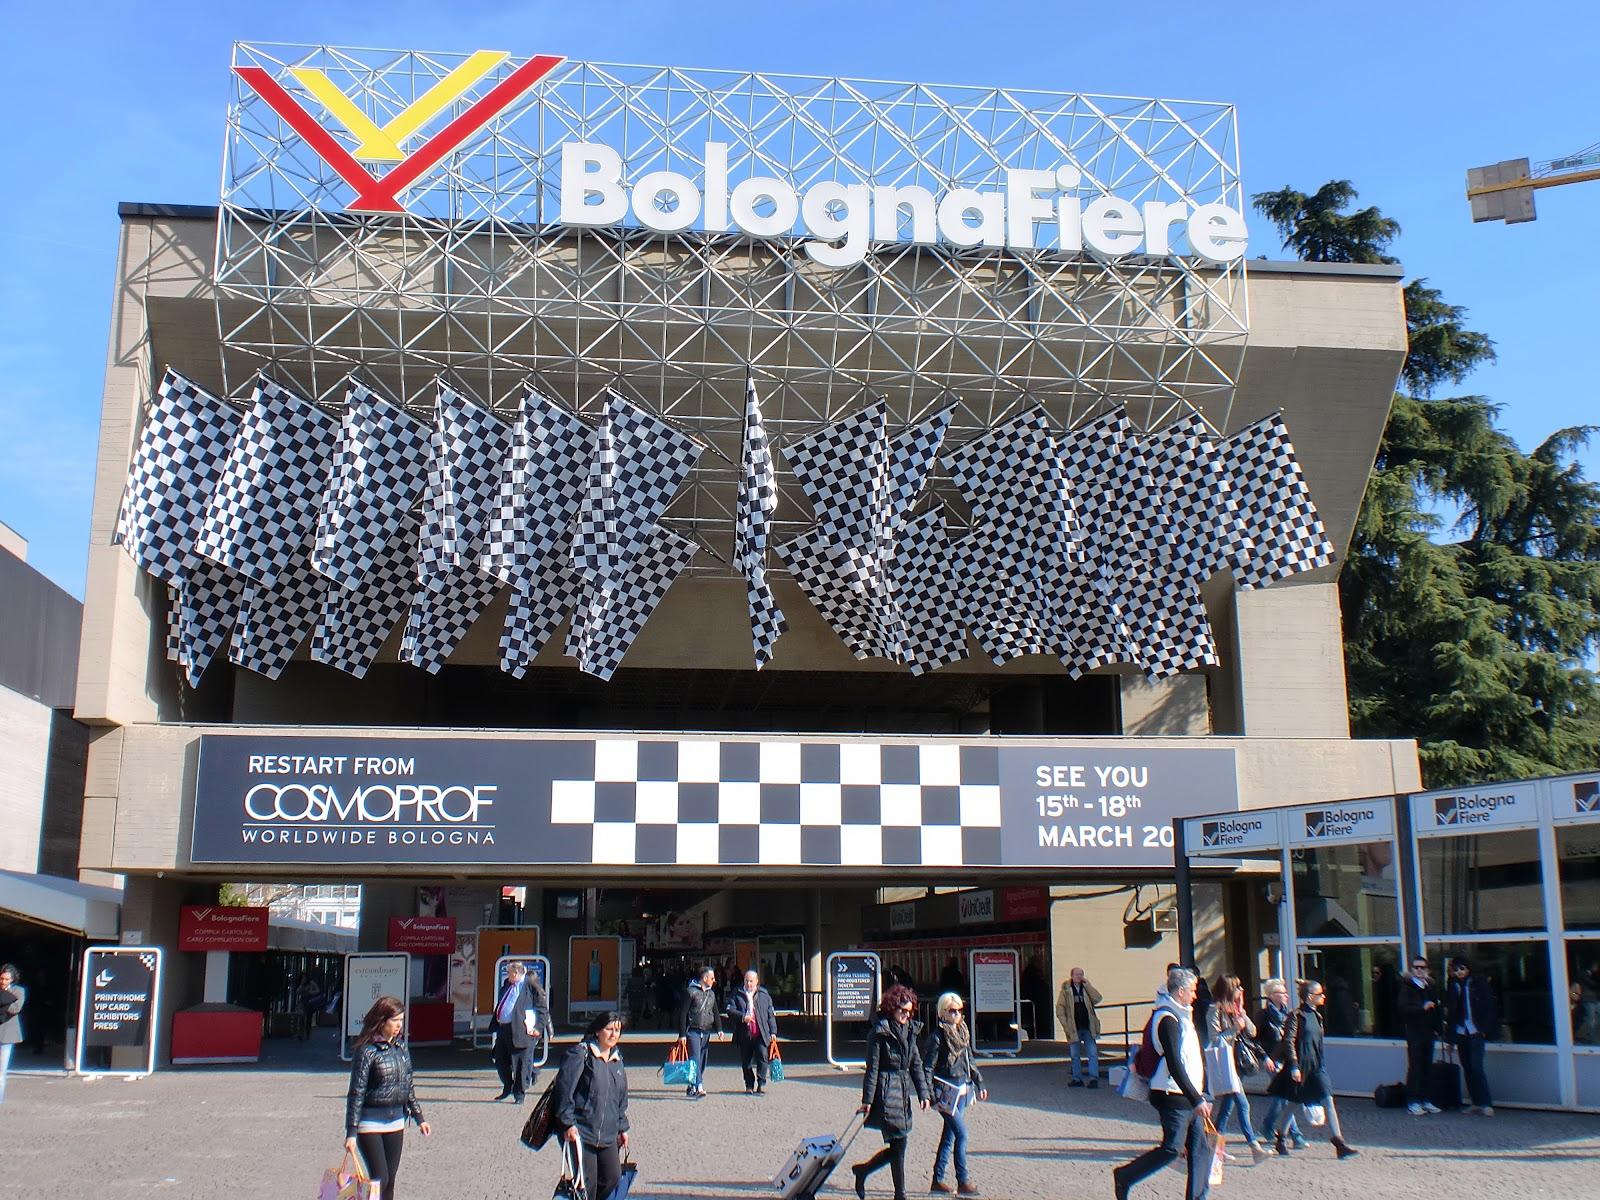 Itália | Pacote Feira Cosmoprof em Bolonha - De 15 a 20 de Março de 2017 | Pacote Feiras Internacion